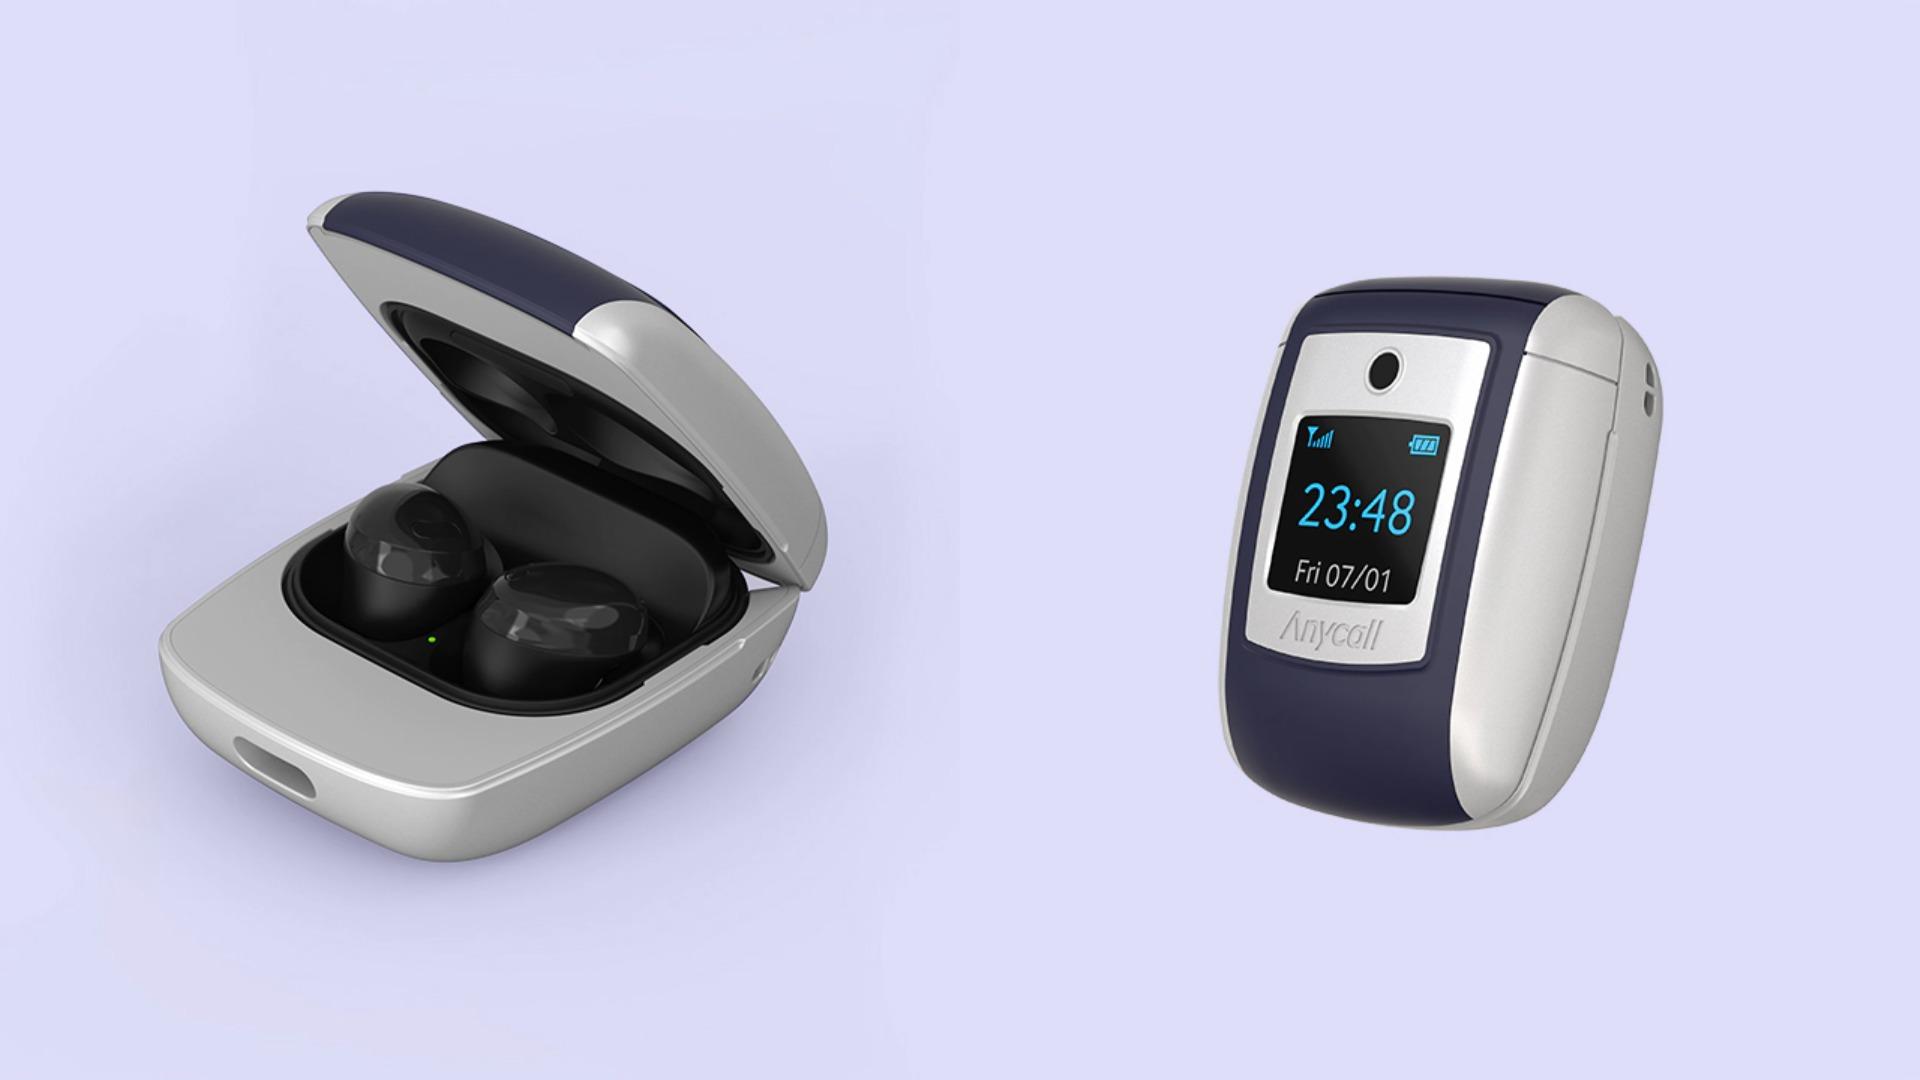 Samsung ra mắt ốp điện thoại cục gạch cho Galaxy Buds Pro, giá 30 USD - Ảnh 2.